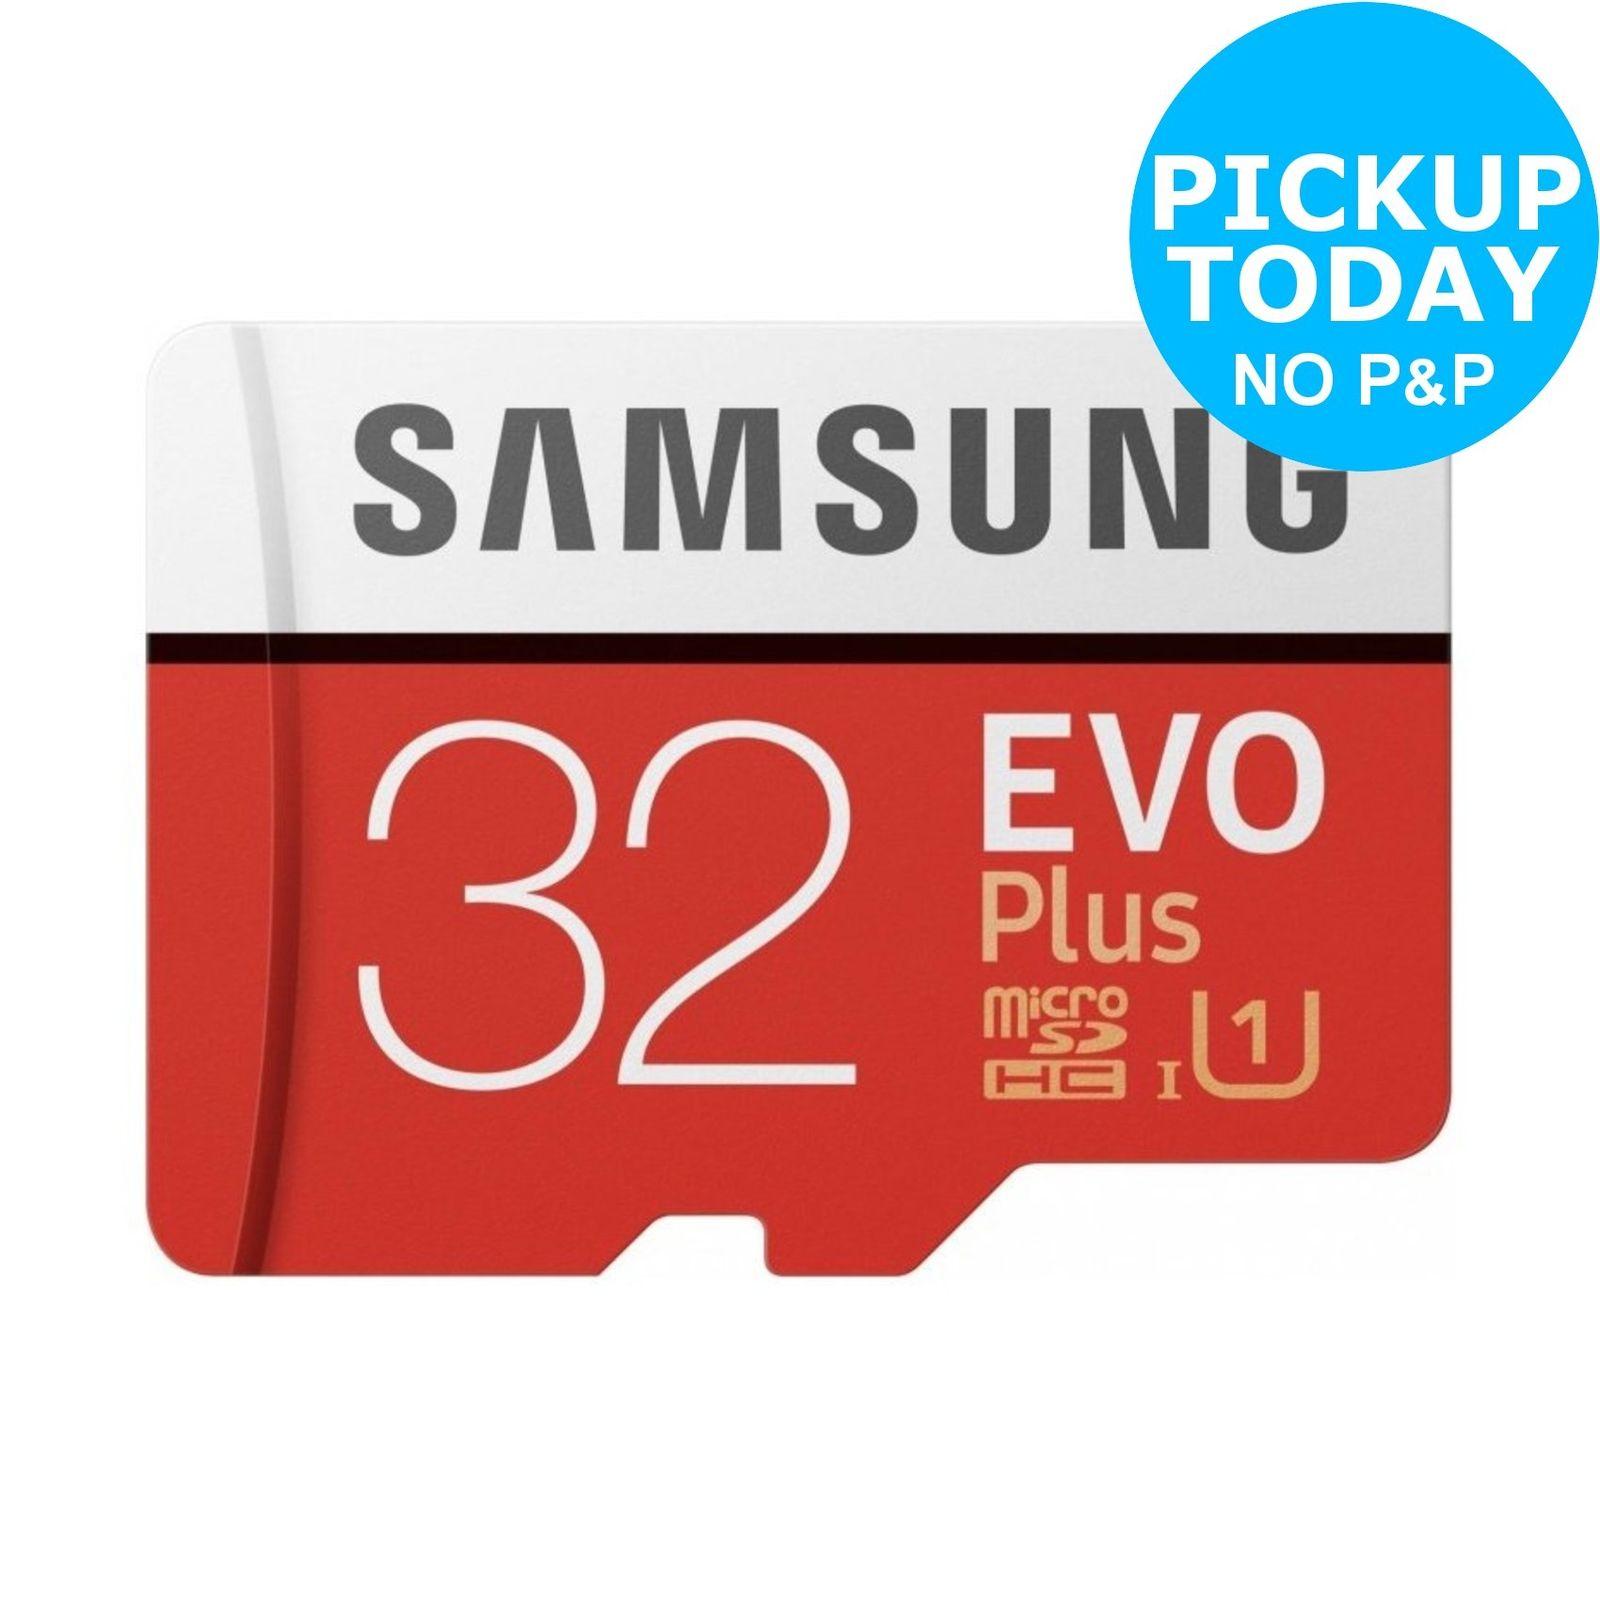 Samsung Evo Plus 80MBs SDHC 32GB Memory Card 99p @ Argos eBay (Very low Stock)